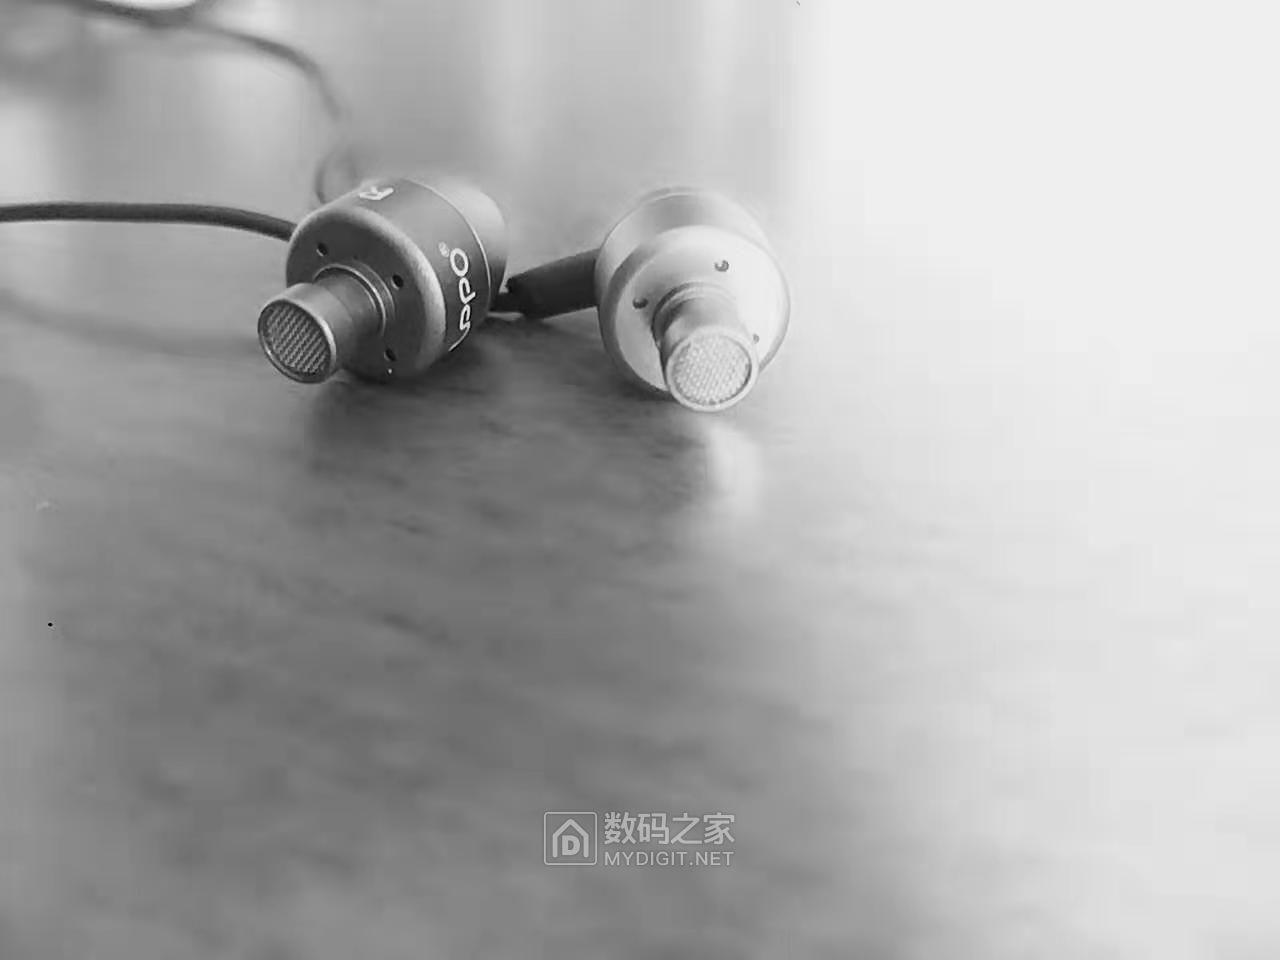 打包千条金属动圈耳机